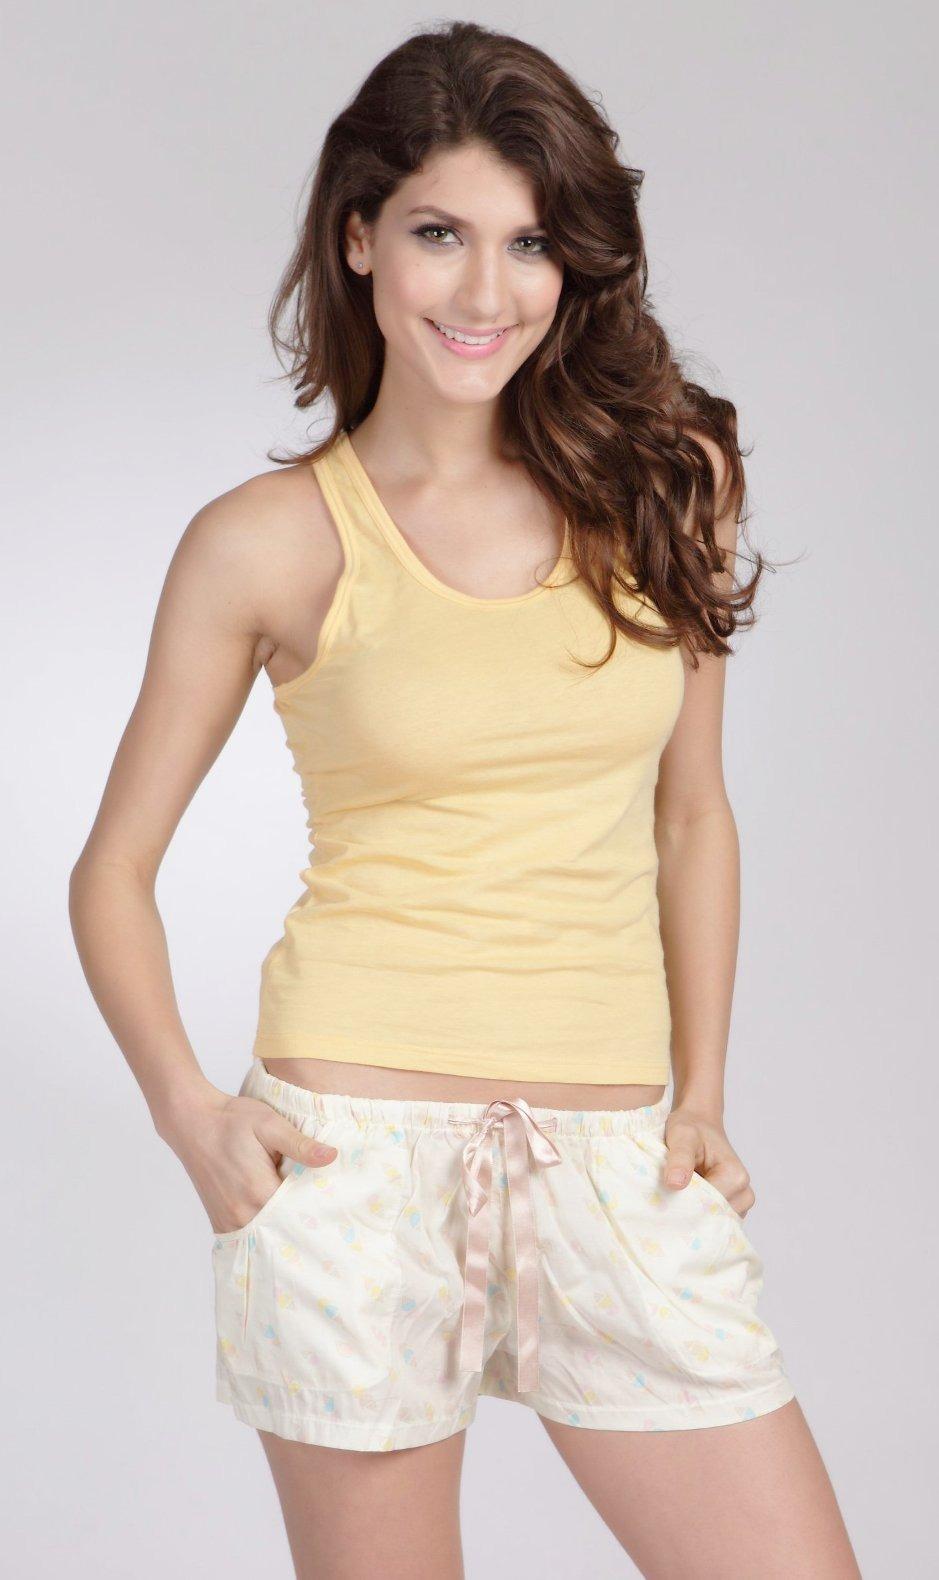 E et D S21015 Gym Cotton Singlet diff colours size 8 10 12 14